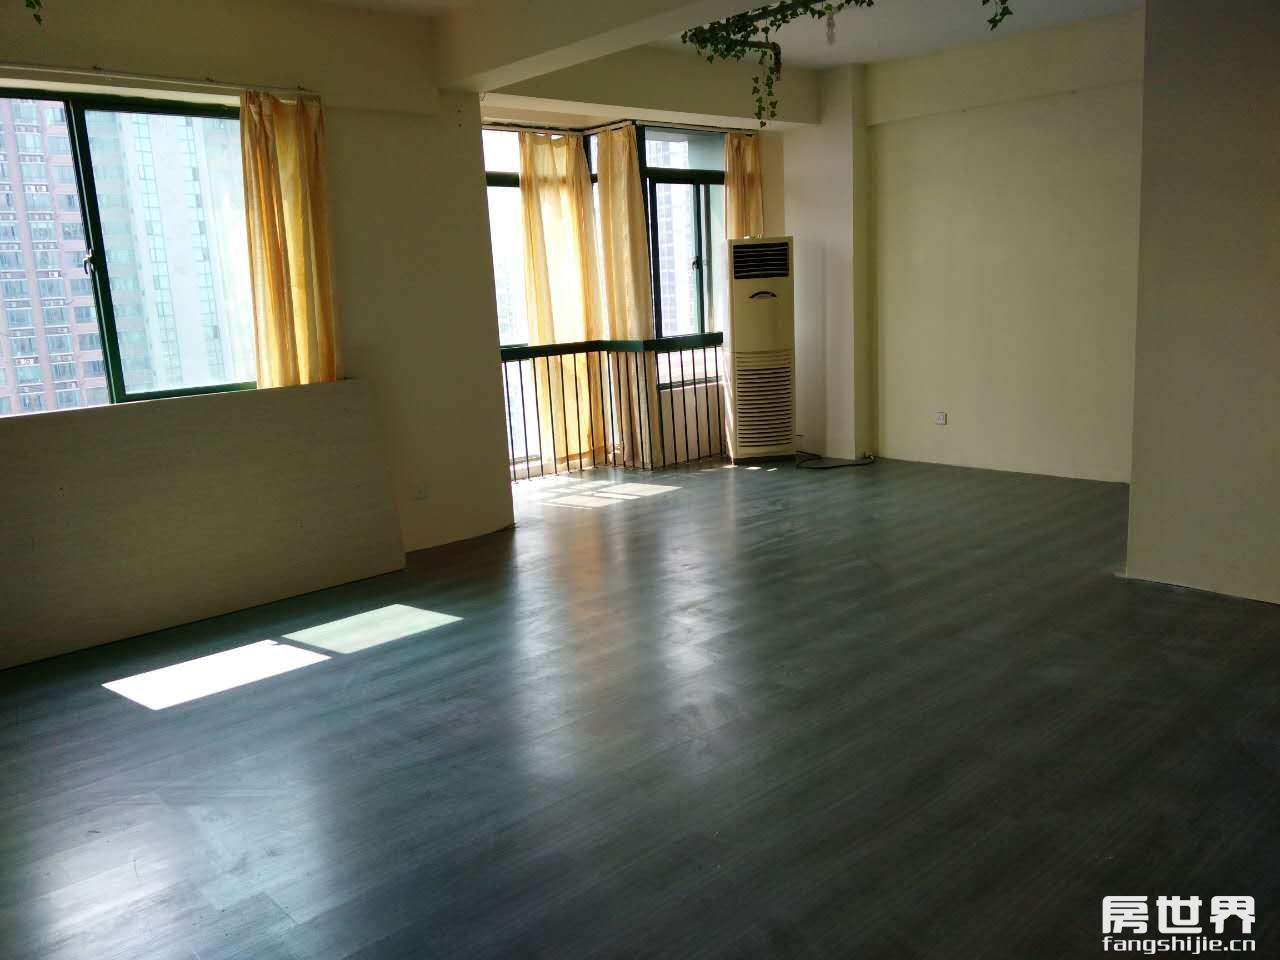 宁安大厦60平地铁房出售